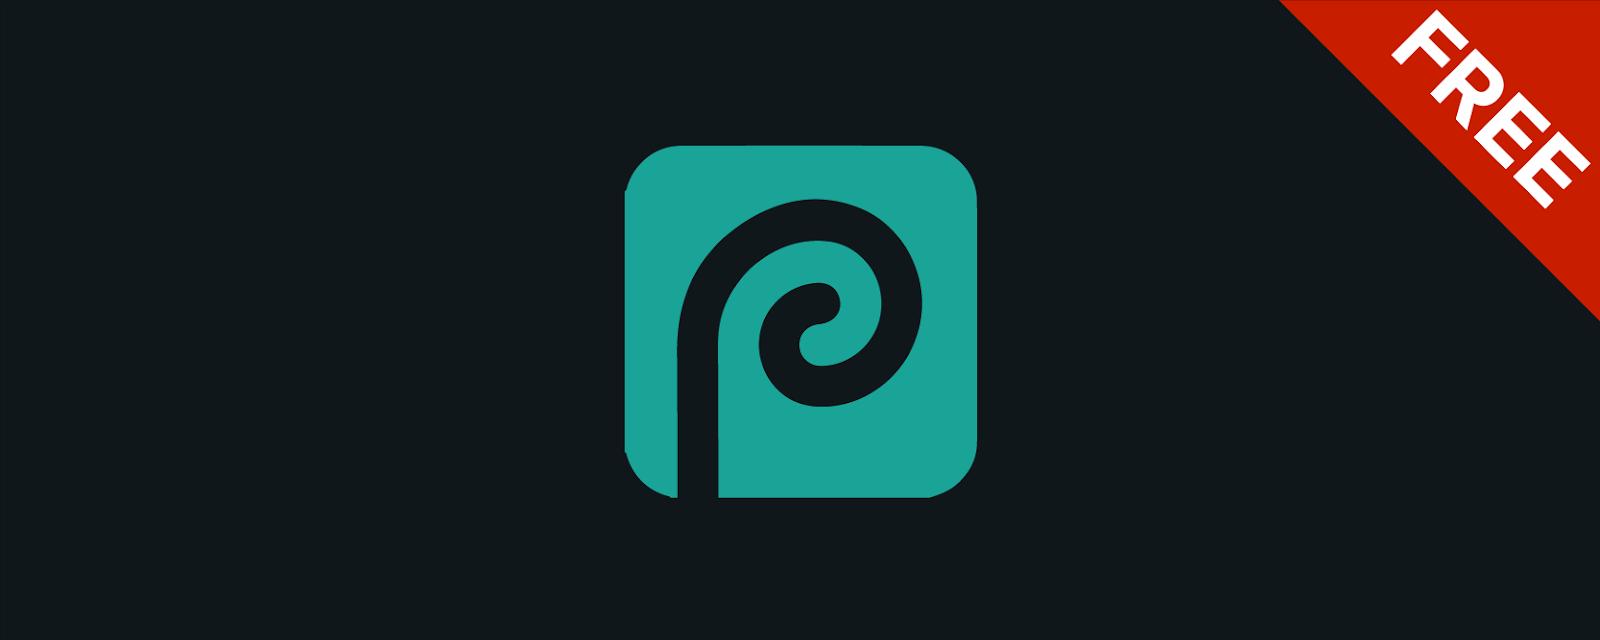 Tutorial Membuat Mockup Logo Menggunakan Photopea Online Image Editor GRATIS!